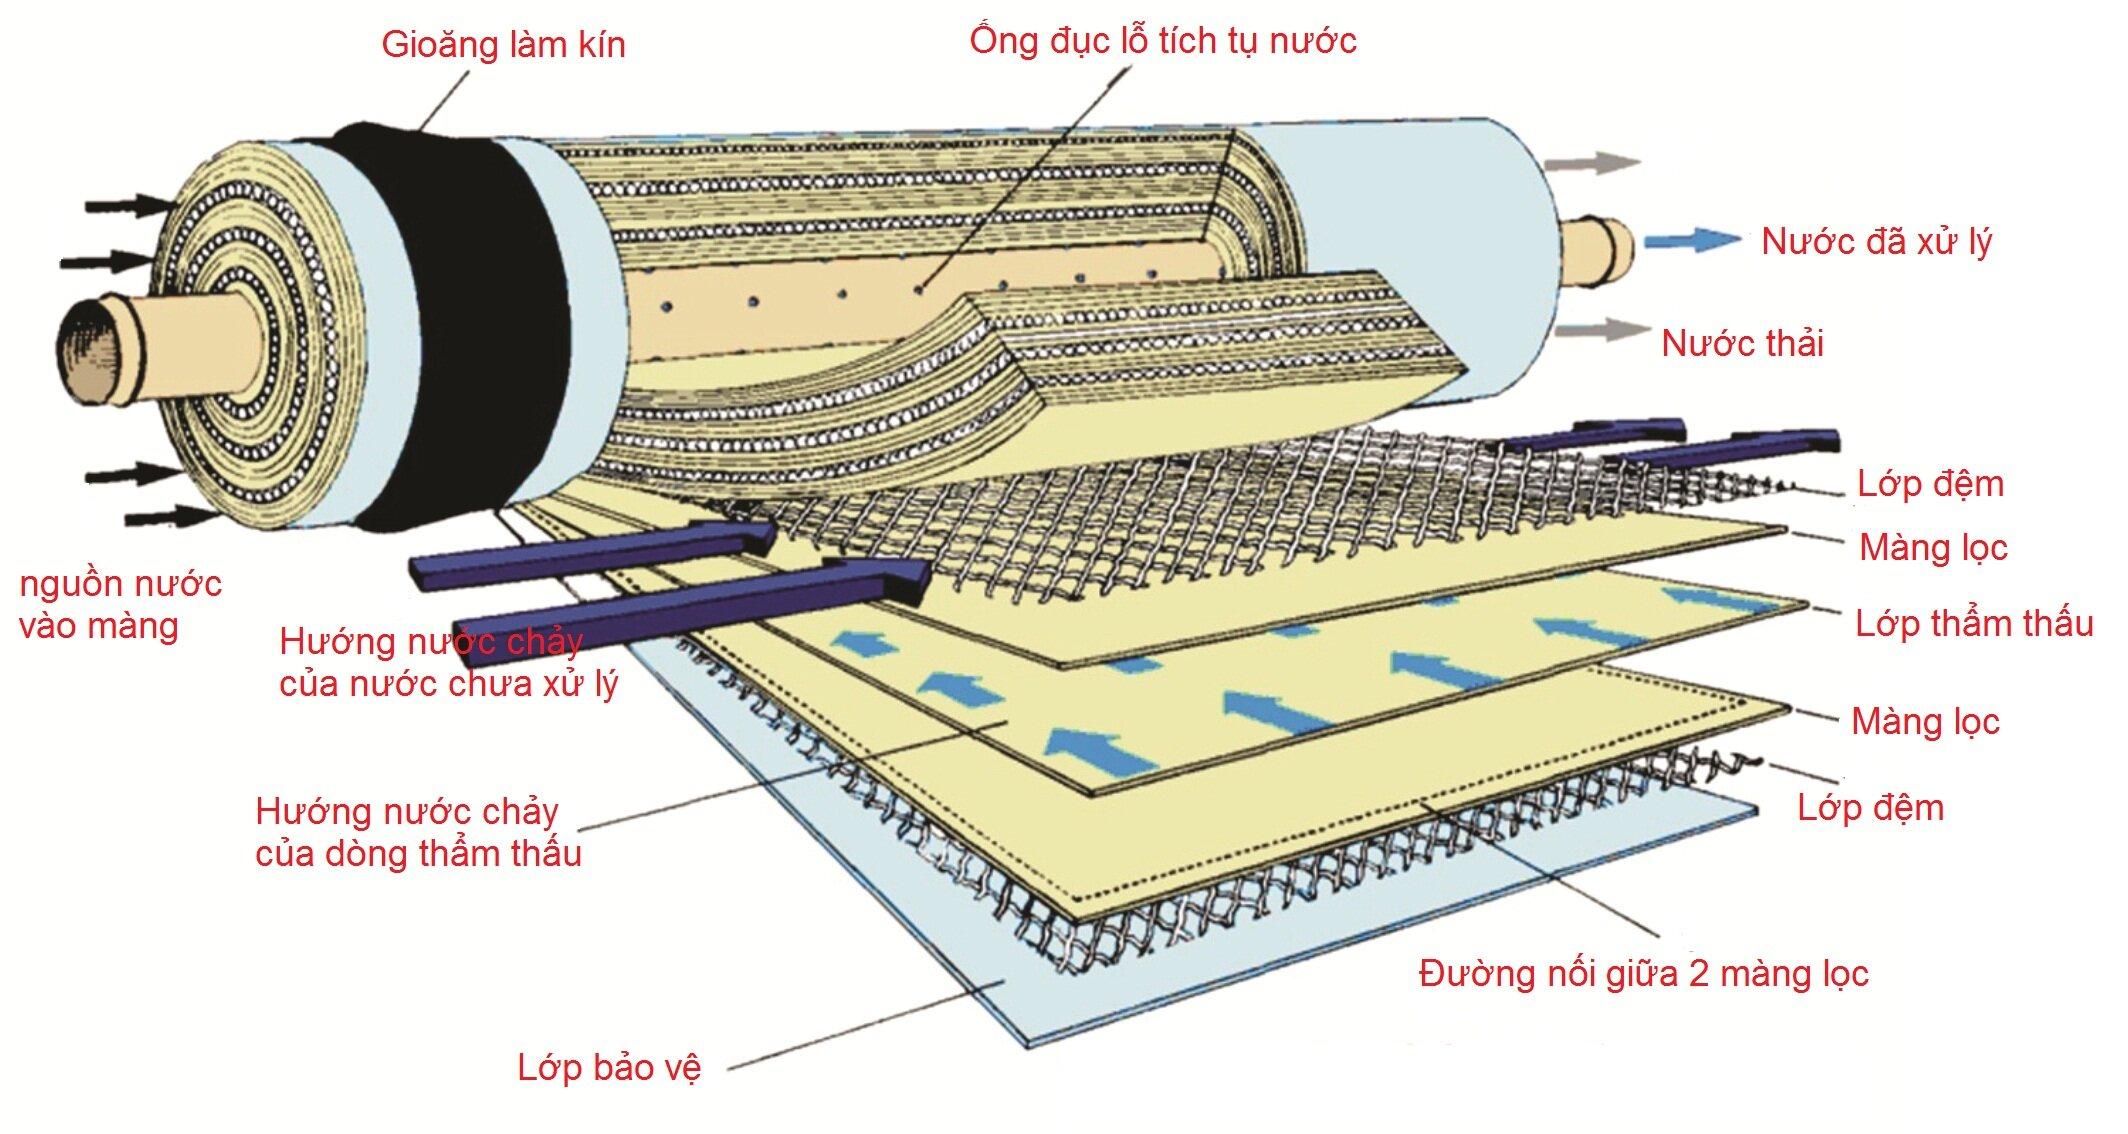 Nên vệ sinh màng lọc RO thường xuyên bằng hóa chất rửa màng để nâng cao tuổi thọ máy lọc nước